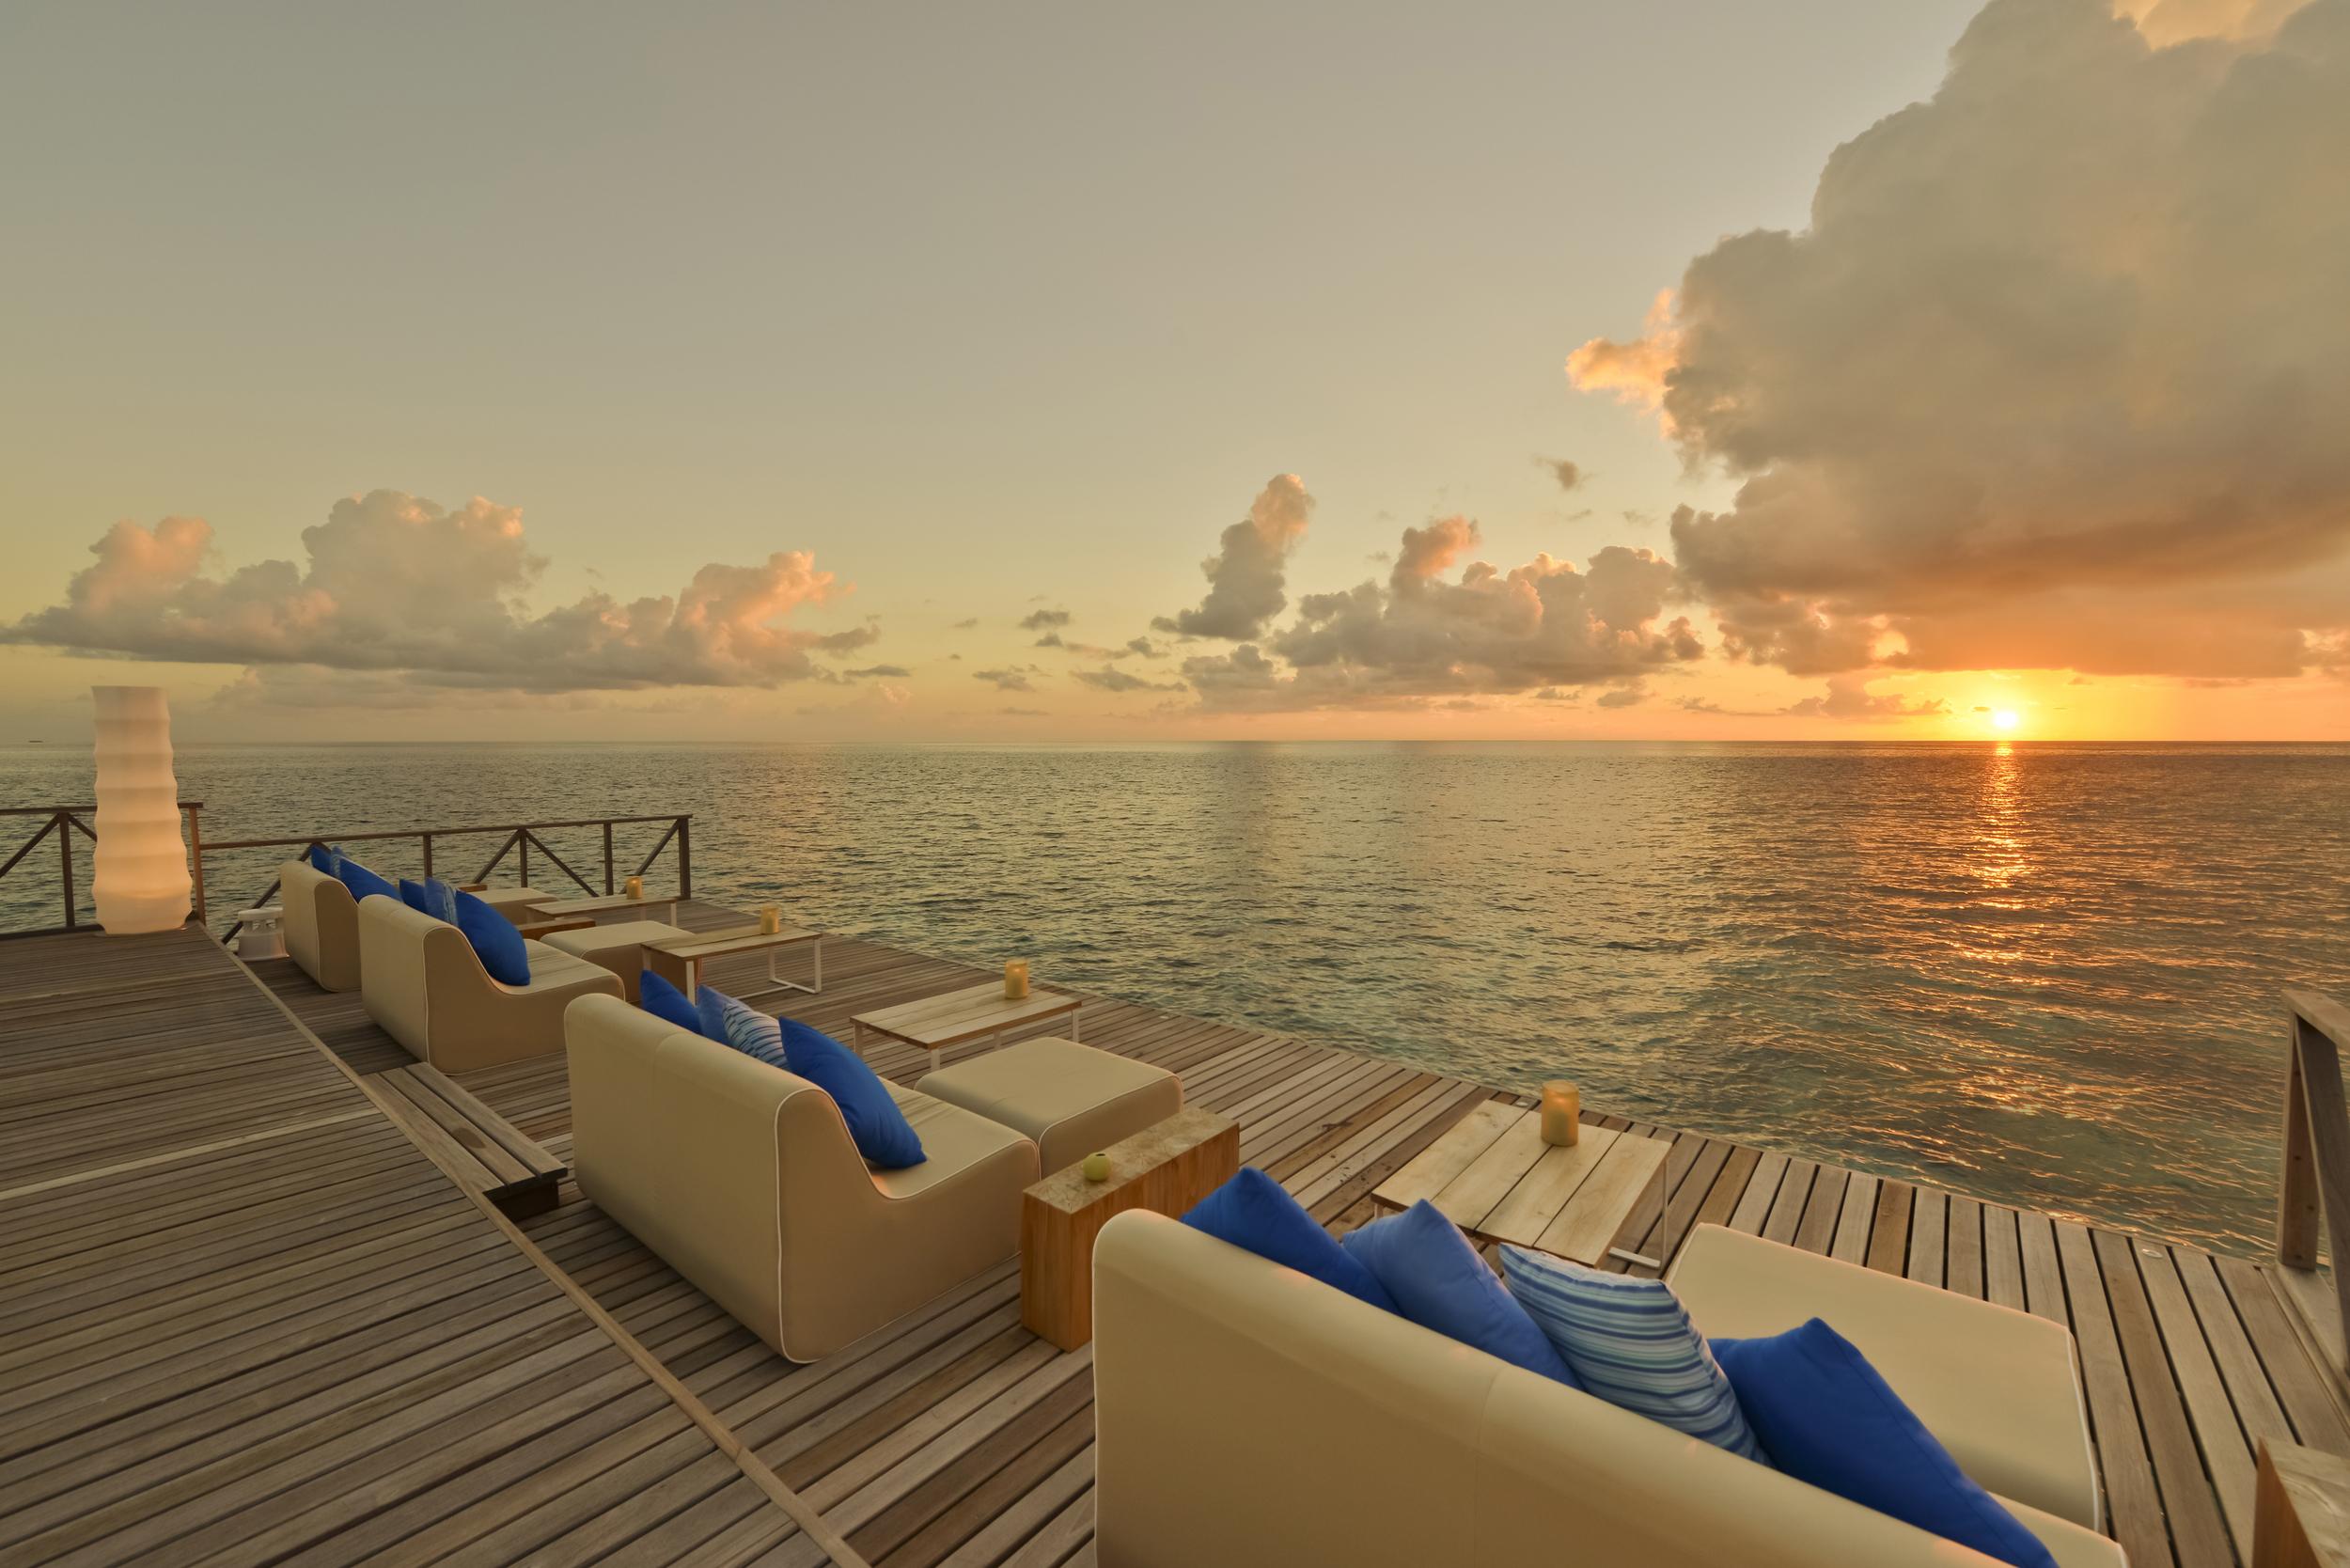 Hi_PHUV_59890321_Sunset_At_Raw_Deck.jpg